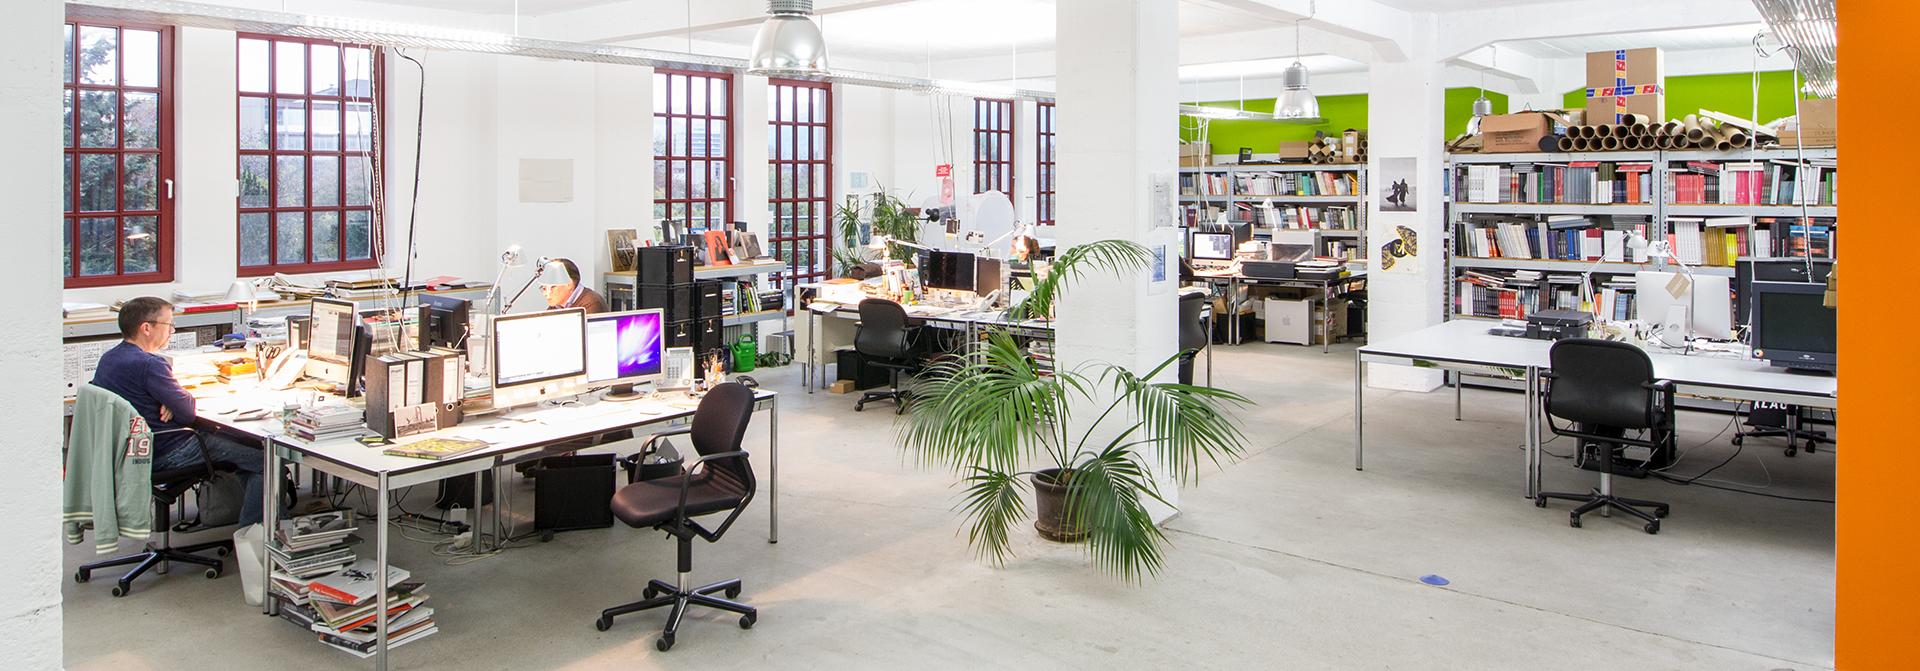 Kehrer Verlag Panorama